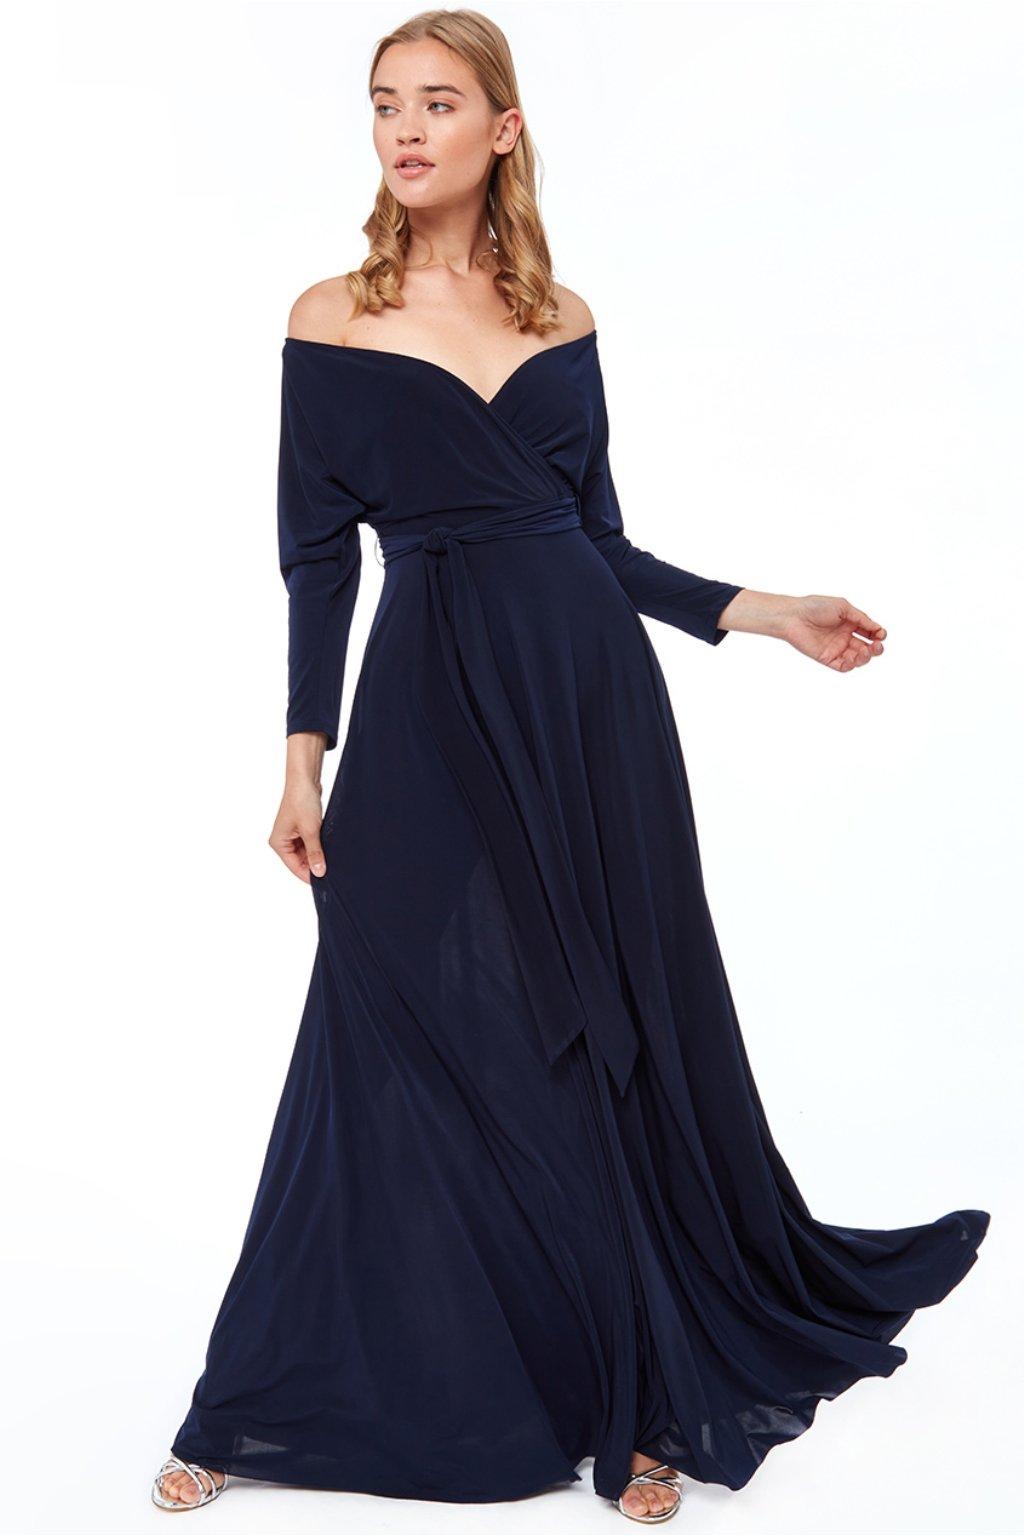 Tmavomodré spoločenské šaty s dlhými rukávmi